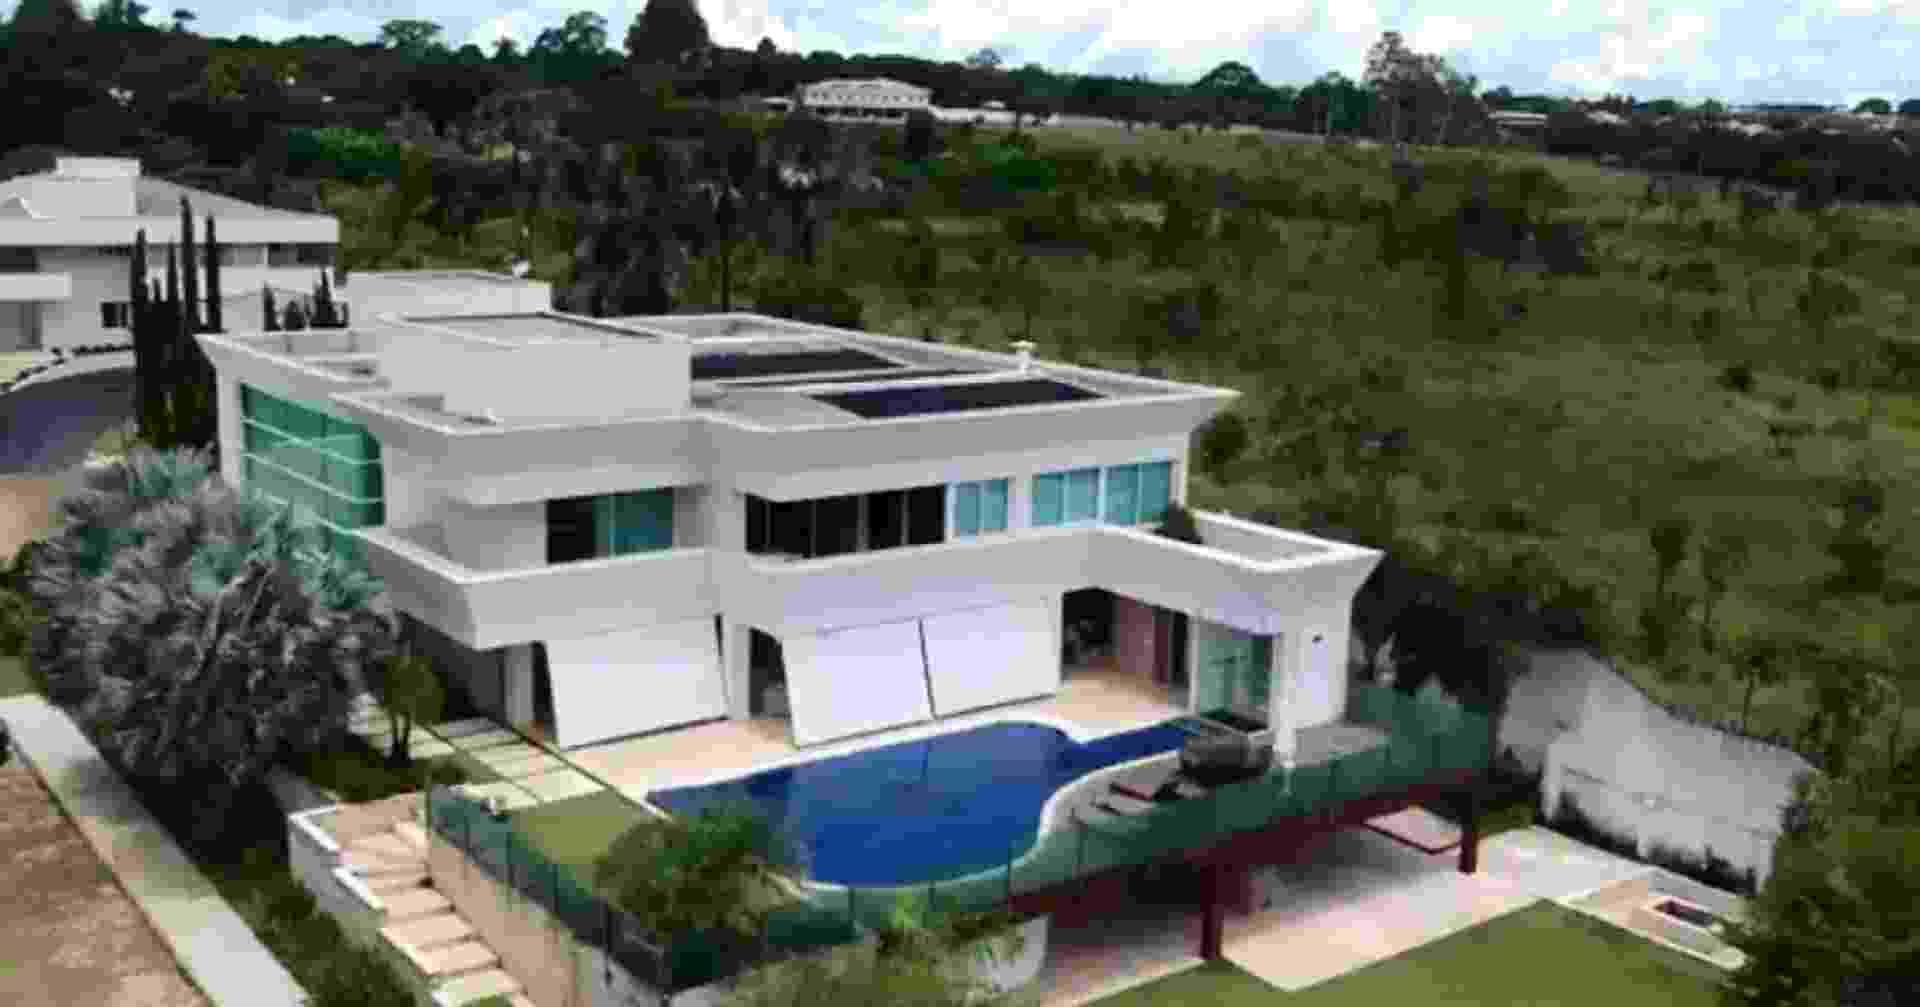 A mansão comprada pelo senador Flávio Bolsonaro (Republicanos-RJ) em Brasília por R$ 5,97 milhões. - Reprodução